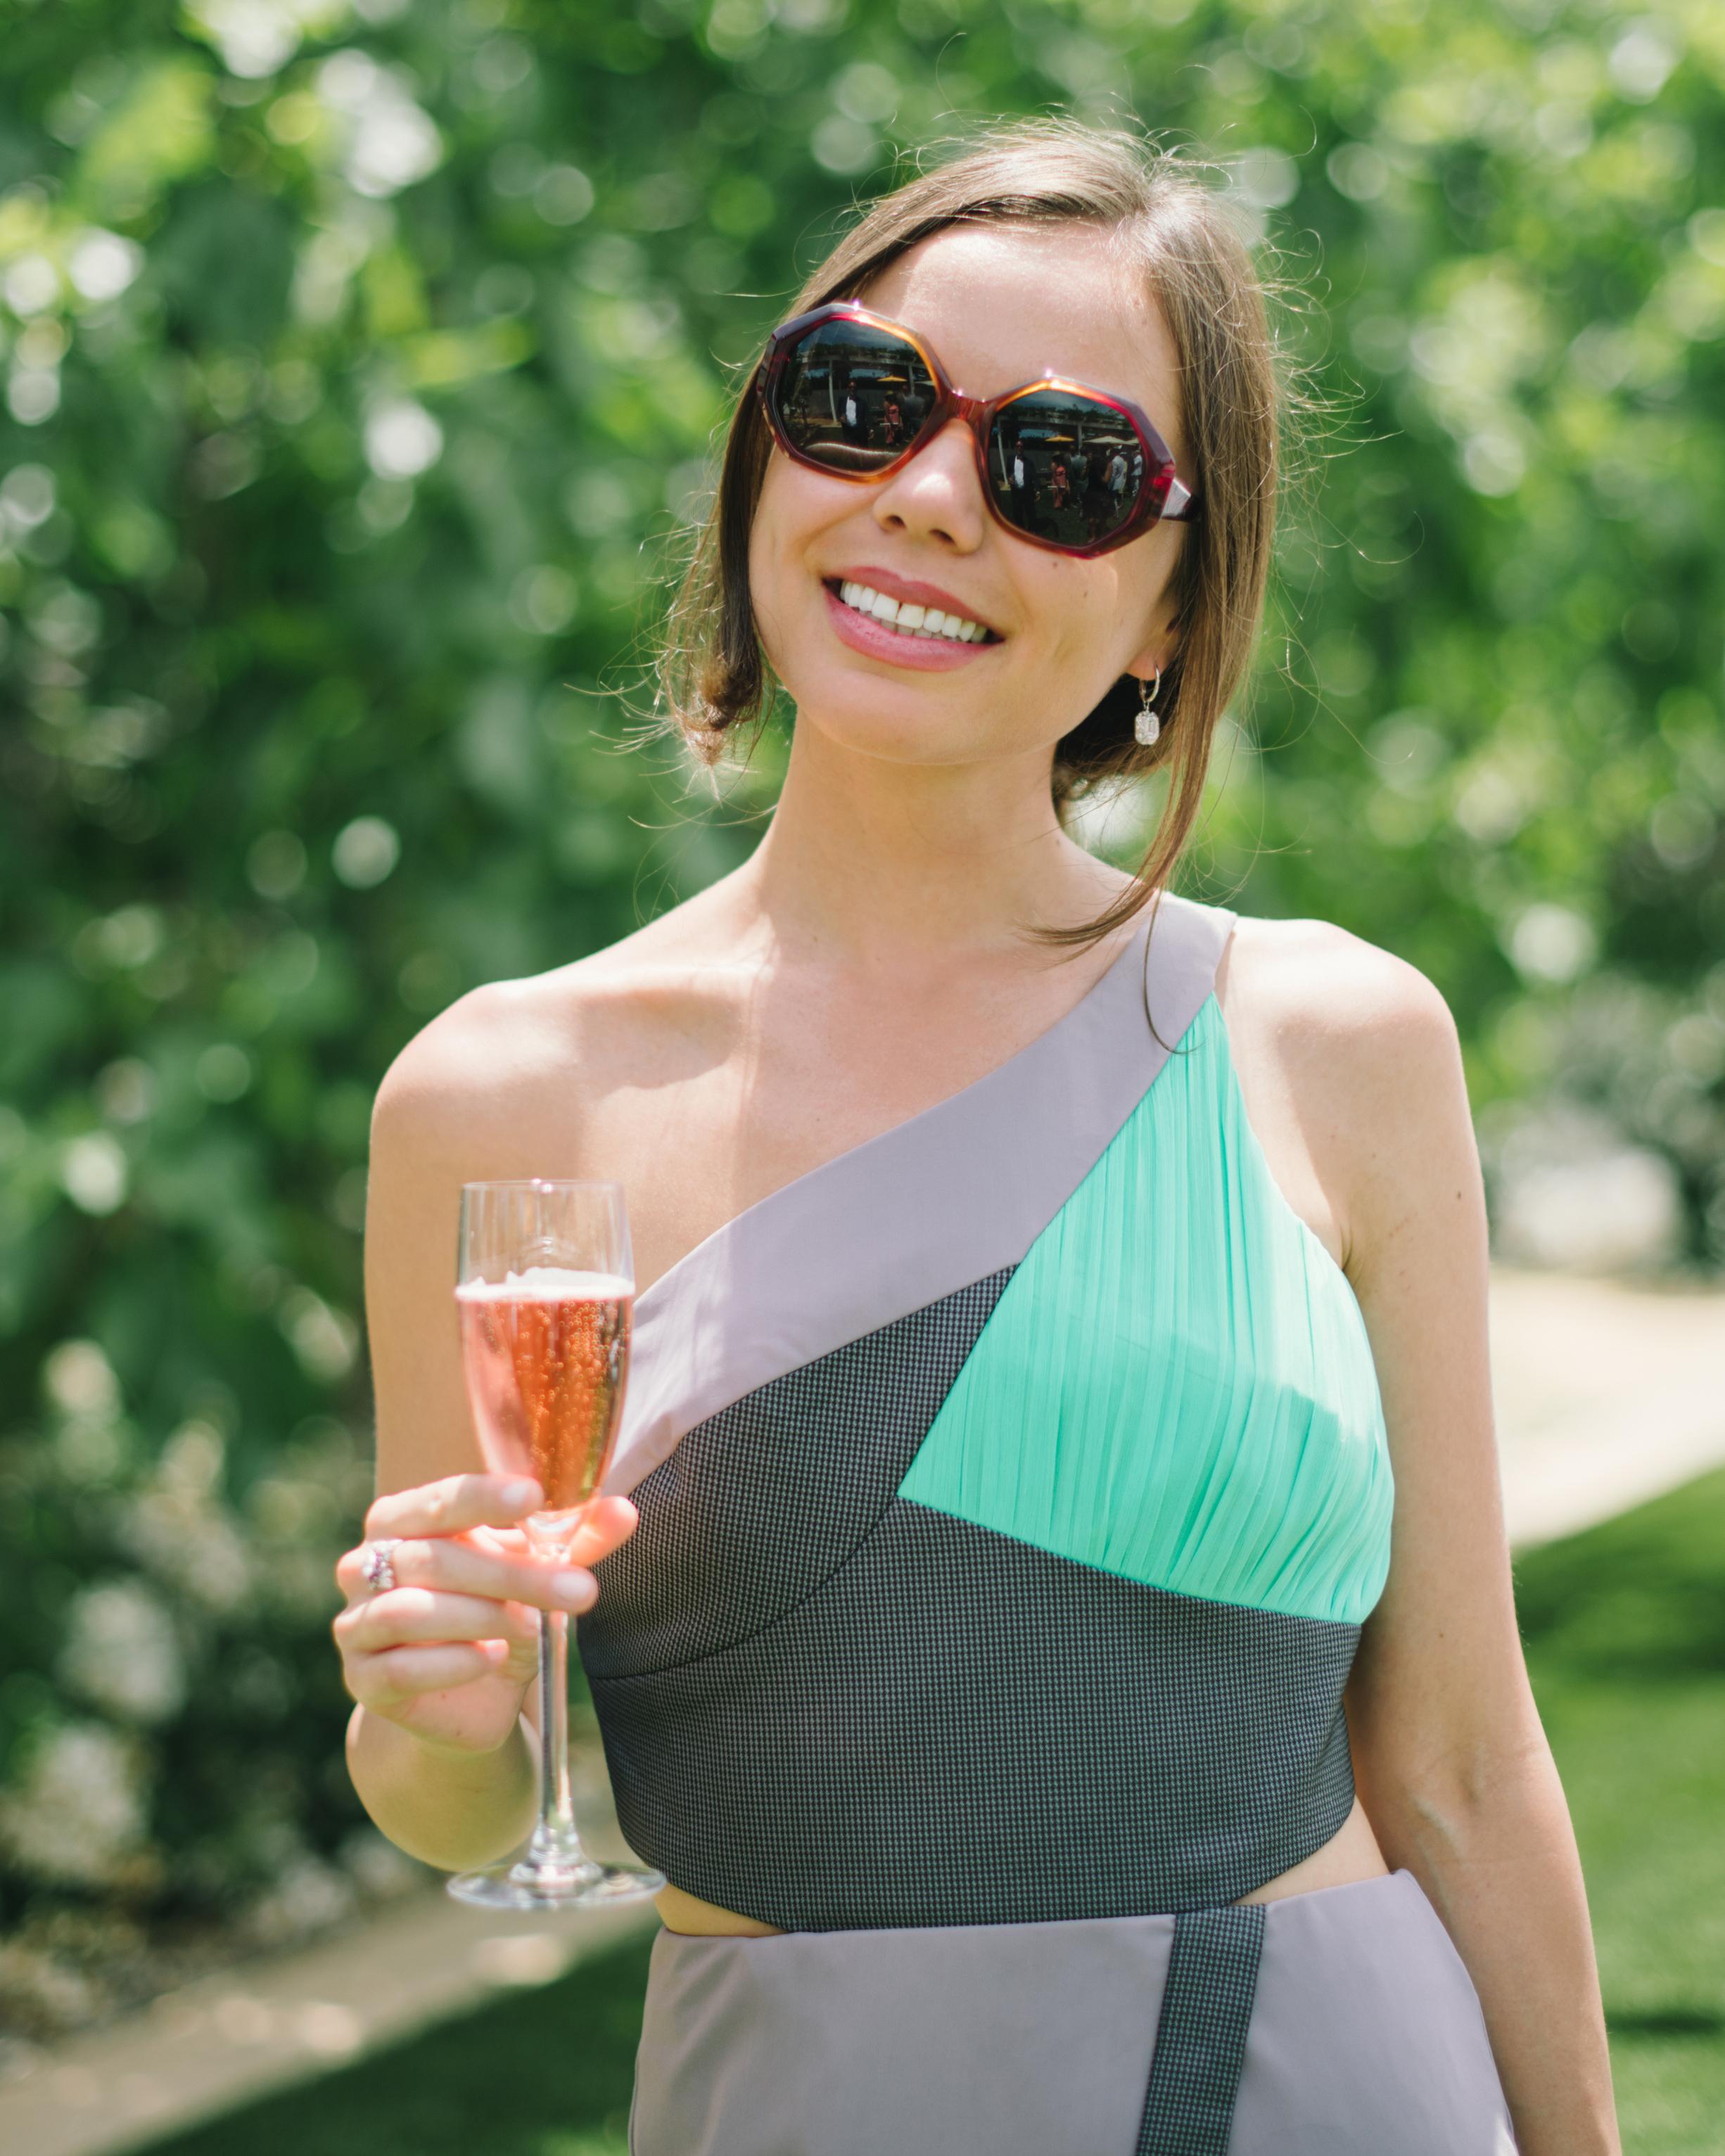 vanessa-joe-wedding-champange-7996-s111736-1214.jpg